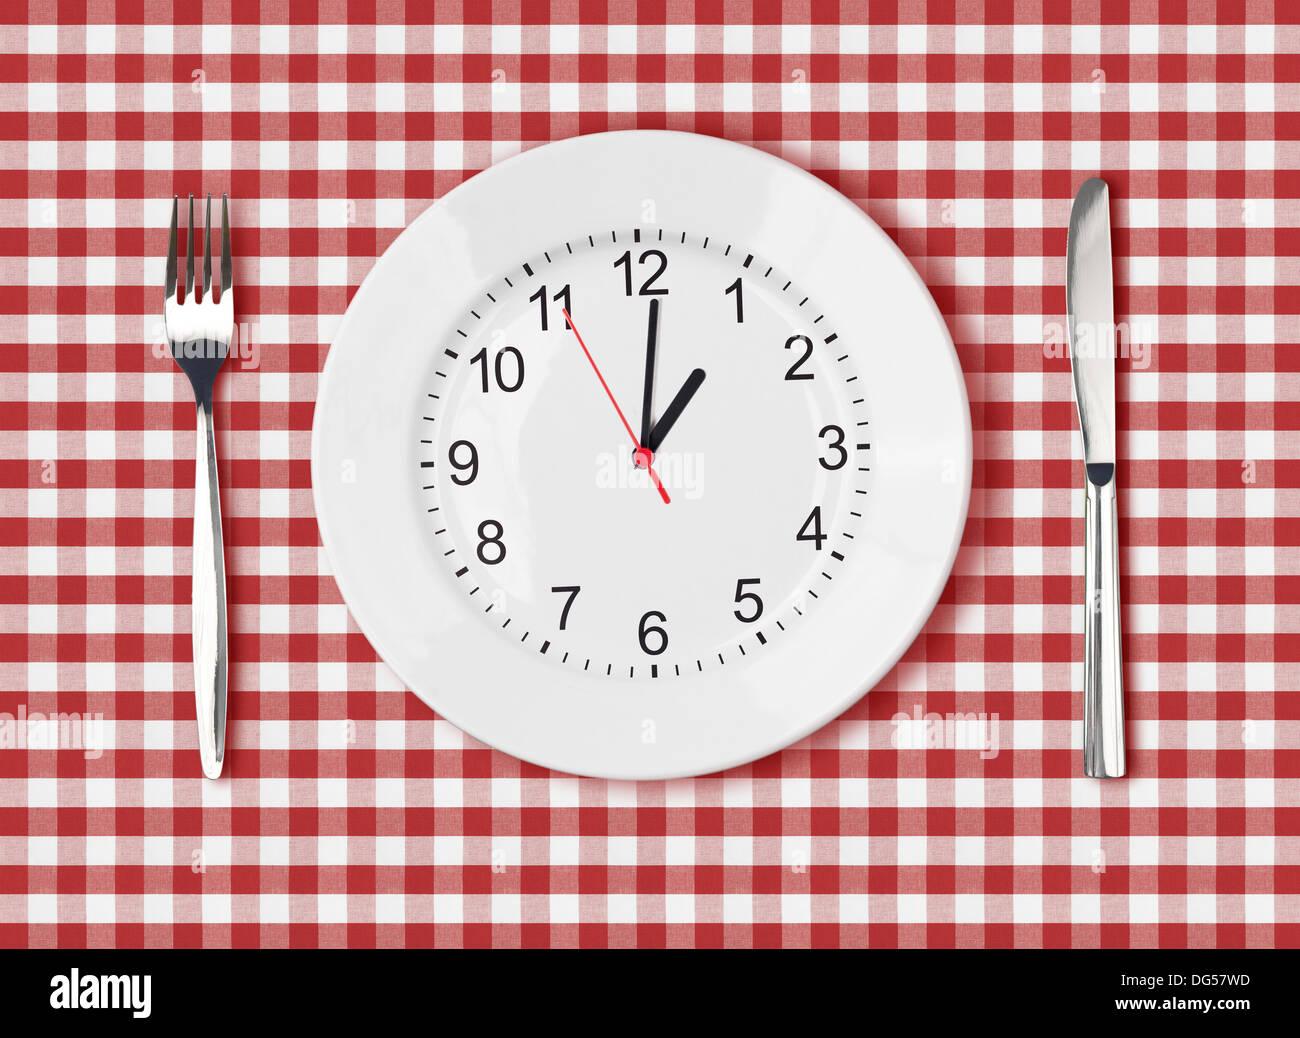 Messer, weiße Platte mit Ziffernblatt und Gabel auf roten Picknick Tischdecke Stockbild